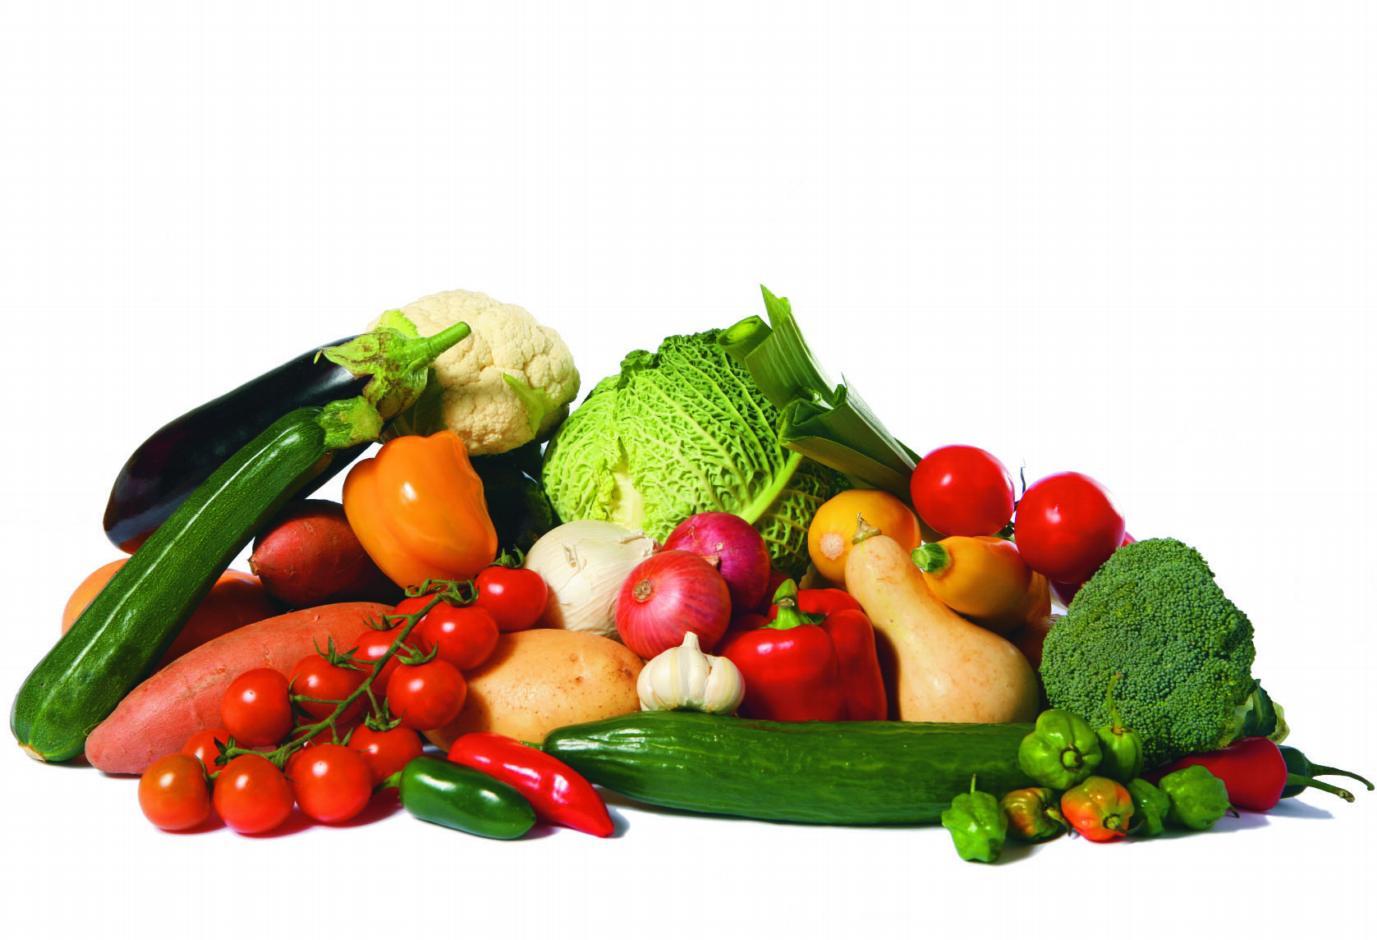 W sezonie, produkty z lokalnych gospodarstw są łatwo dostępne, ponieważ jest ich wtedy zatrzęsienie.